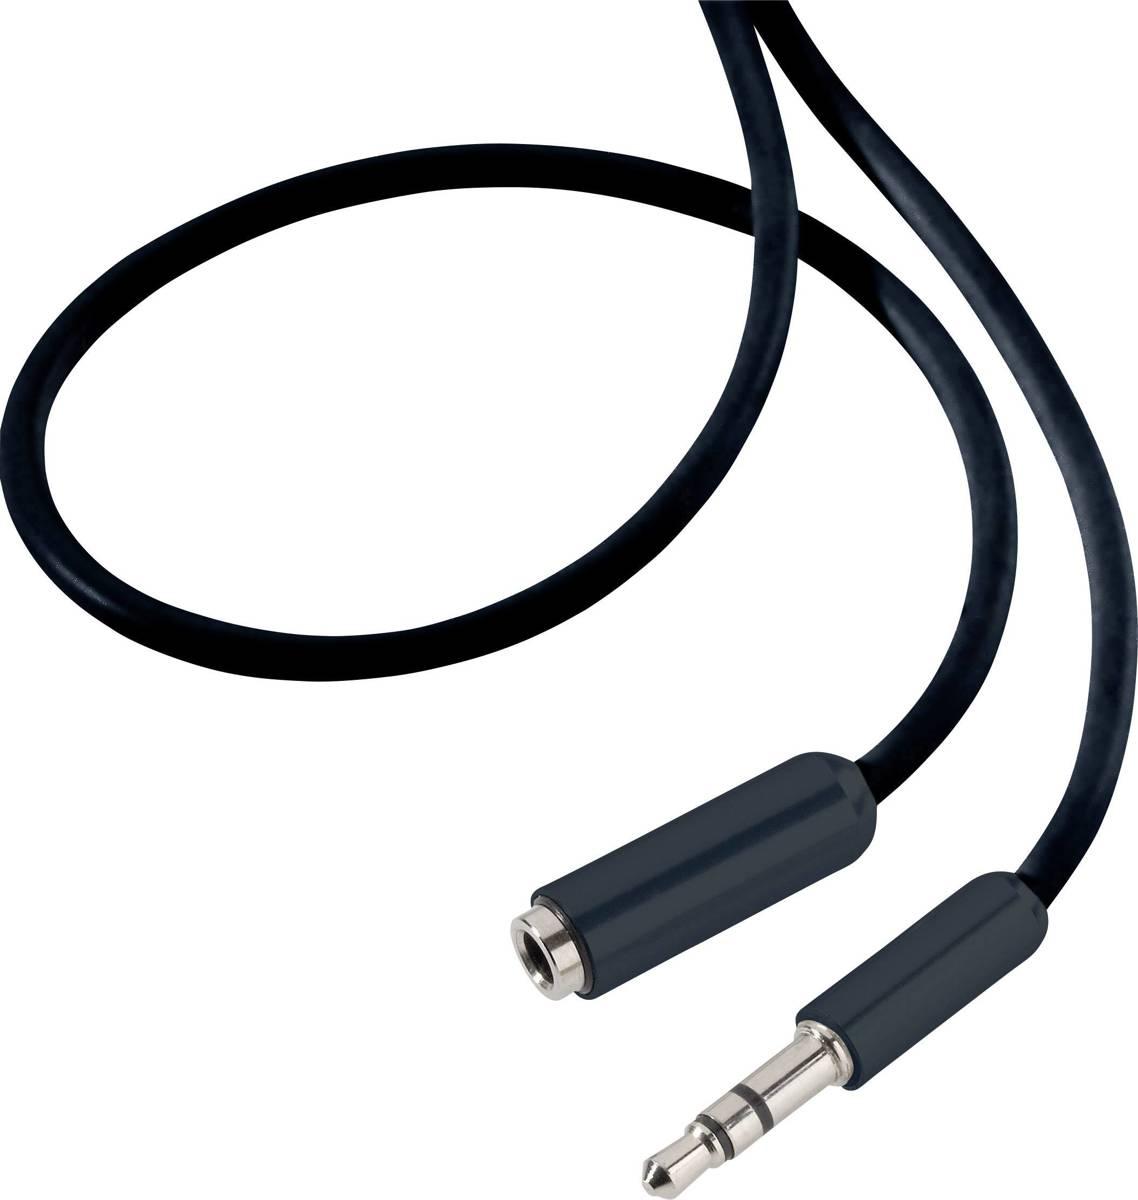 Speaka Professional Jackplug Audio Verlengkabel [1X Jackplug Male 3.5 Mm - 1X Jackplug Female 3.5 Mm] 5 M Zwart Supersoft-Mantel